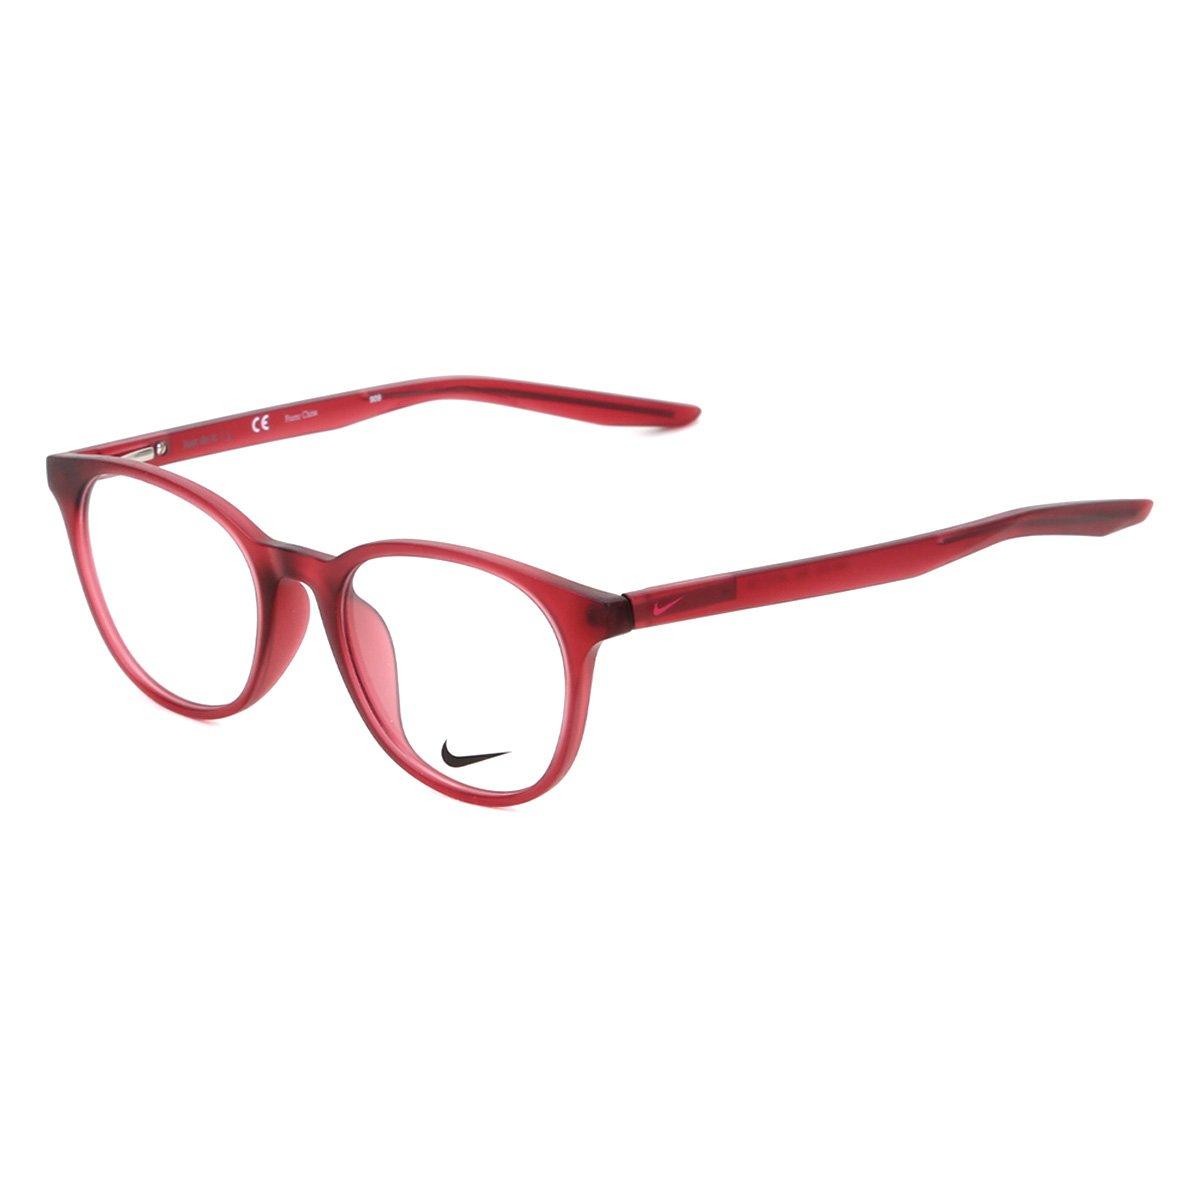 Óculos Juvenil Nike 5020 602